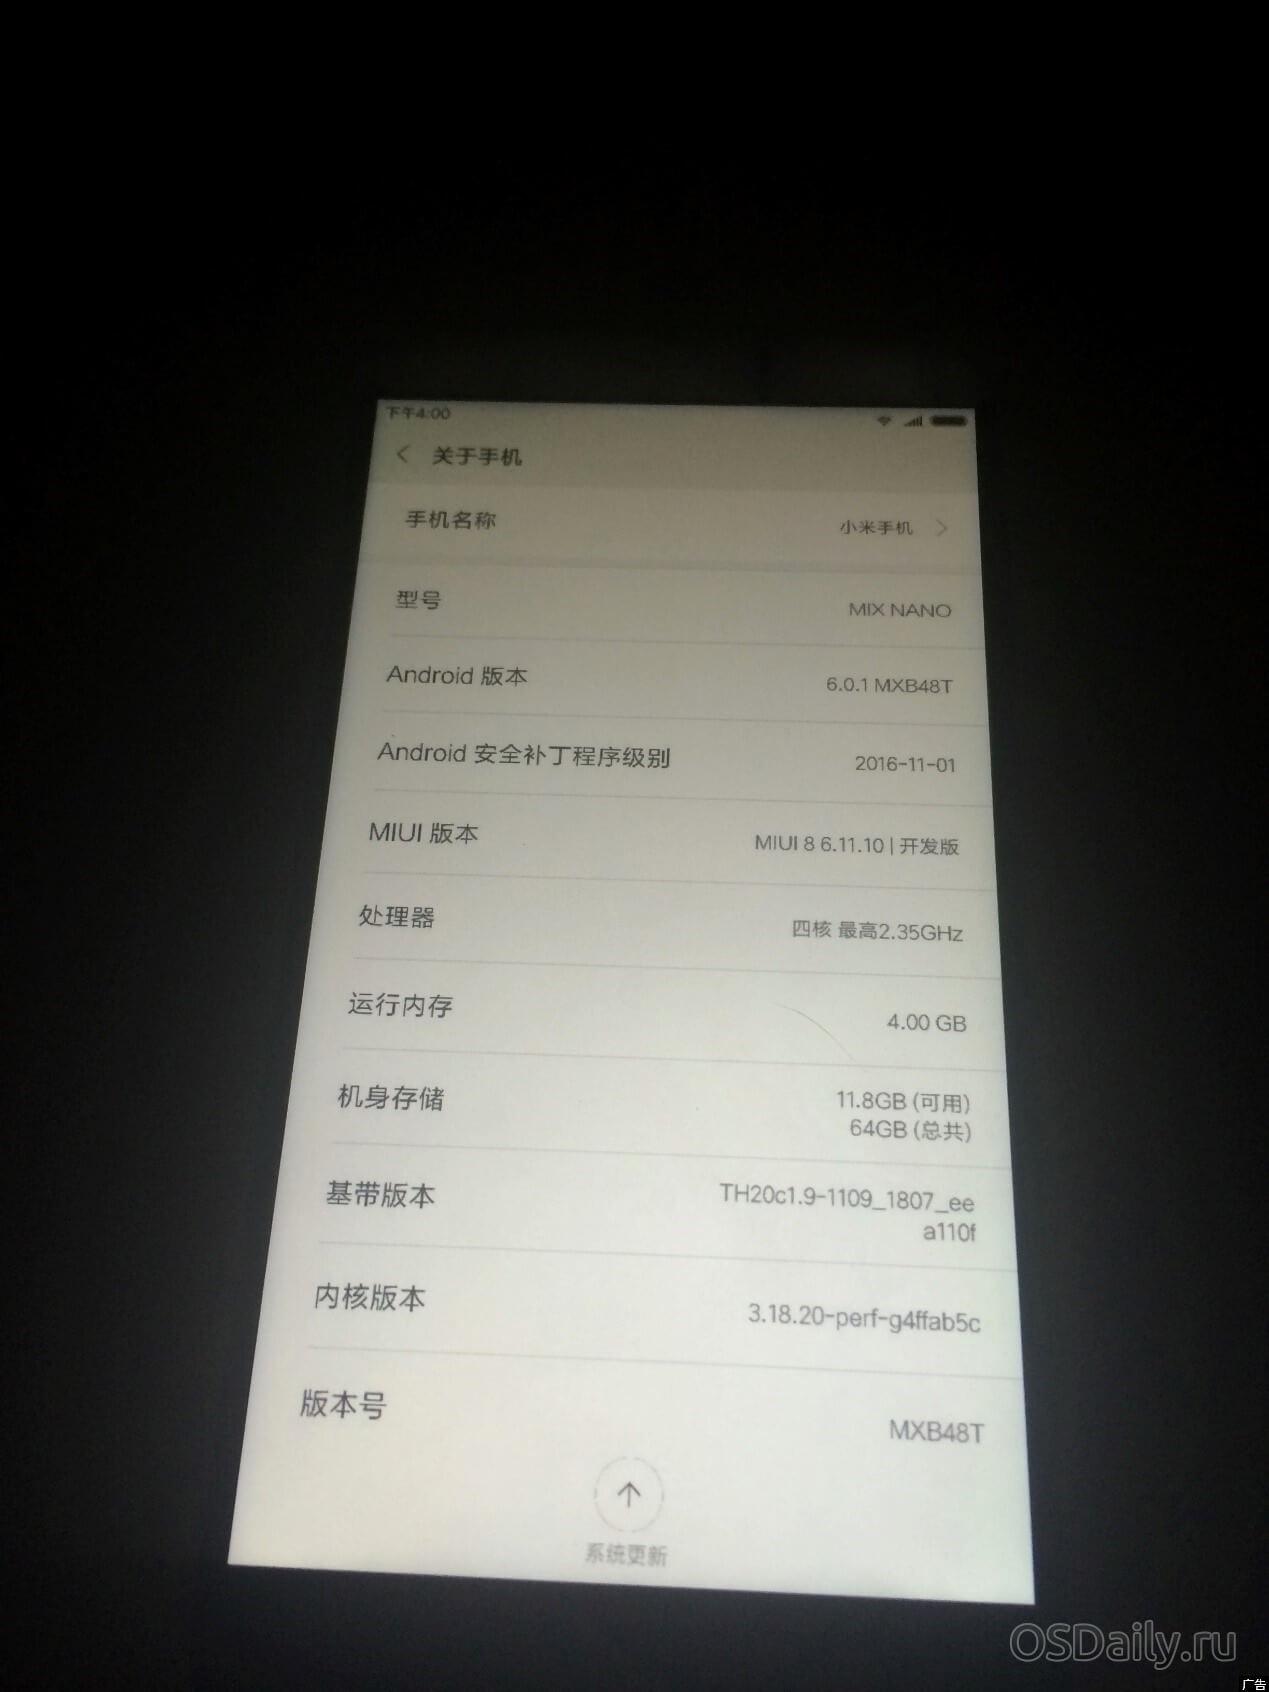 Xiaomi Mi Mix Nano новый смартфон от брендового китайского производителя